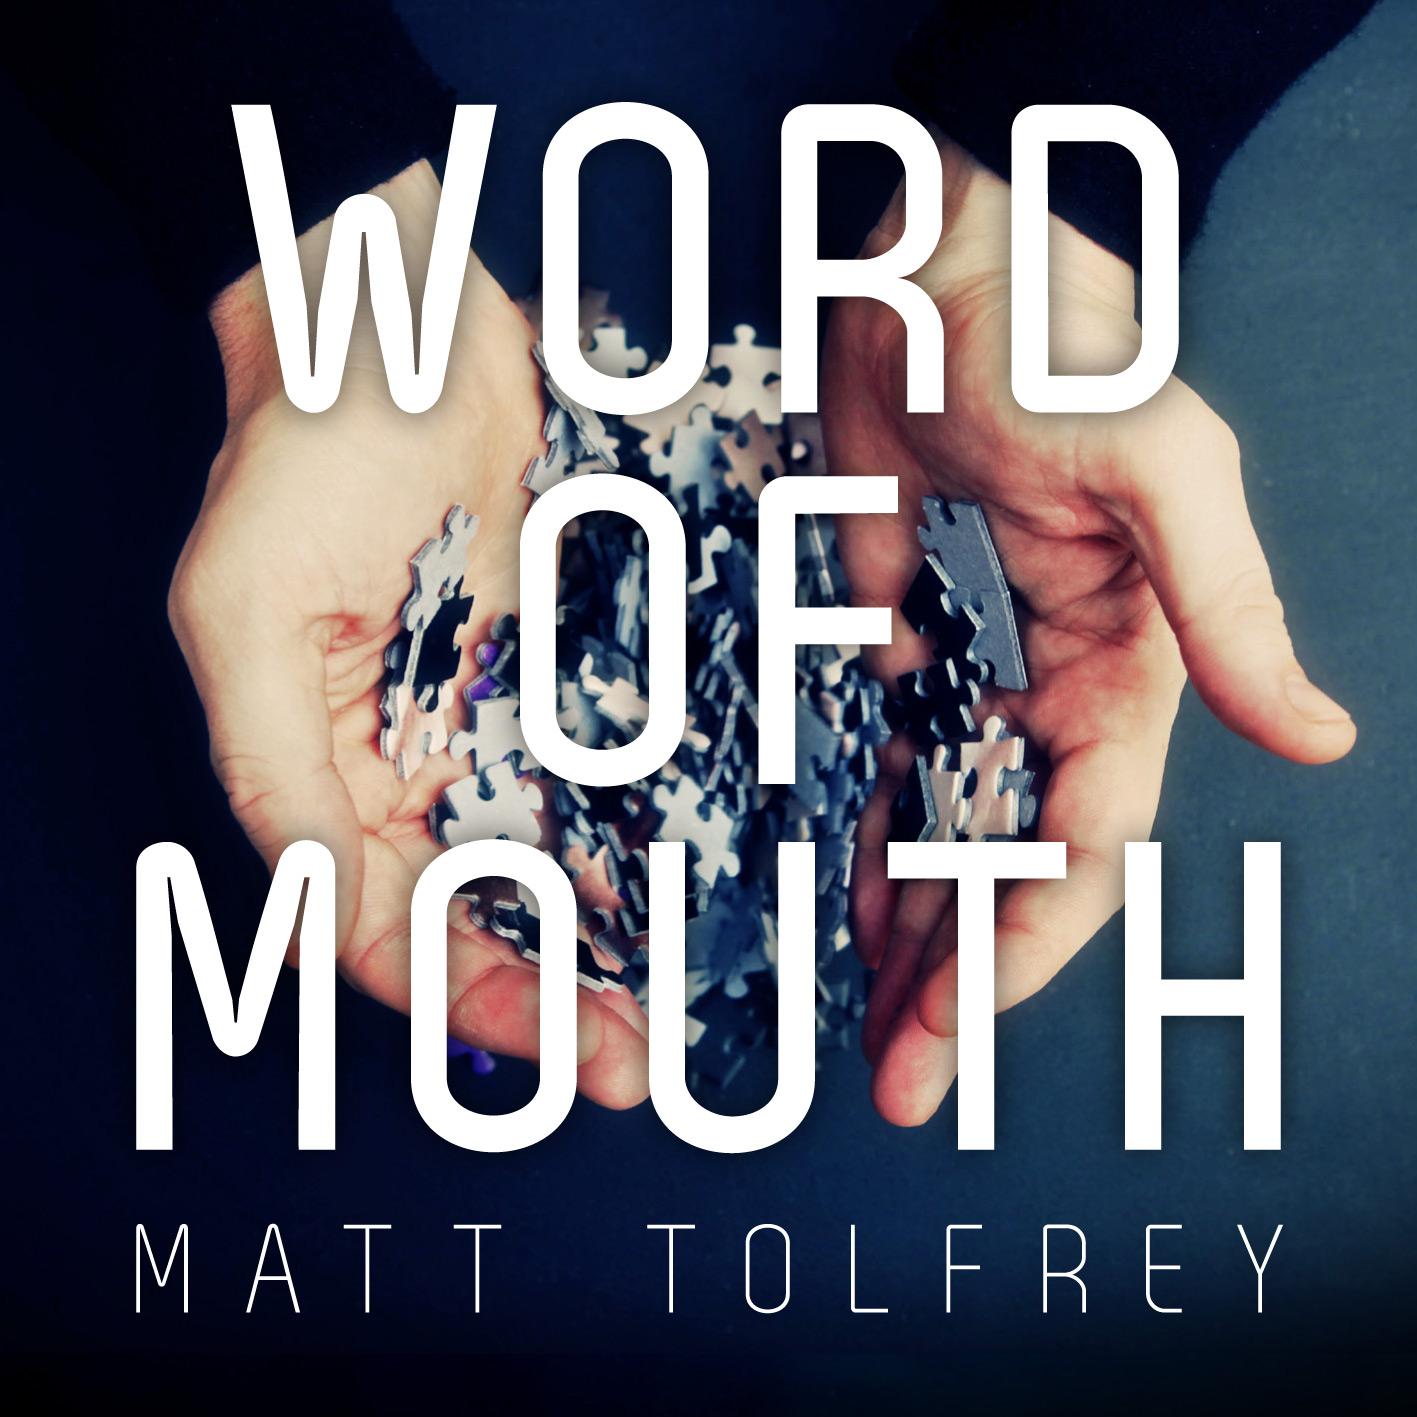 Word of Mouth - Matt Tolfrey